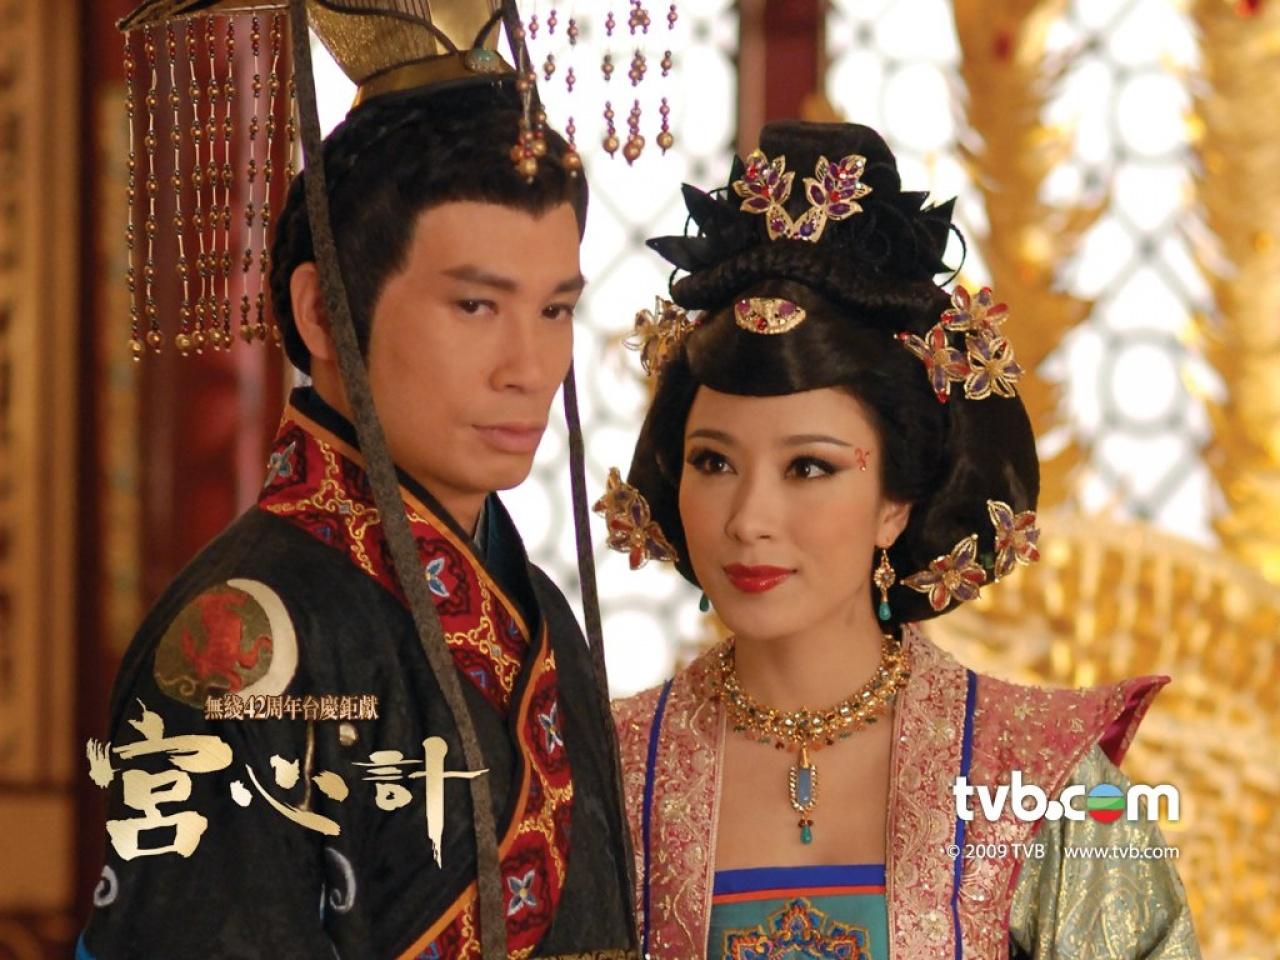 楊怡在熱爆劇《宮心計》挑戰奸角,與陳豪有多場對手戲,令觀眾眼前一亮。(劇照)